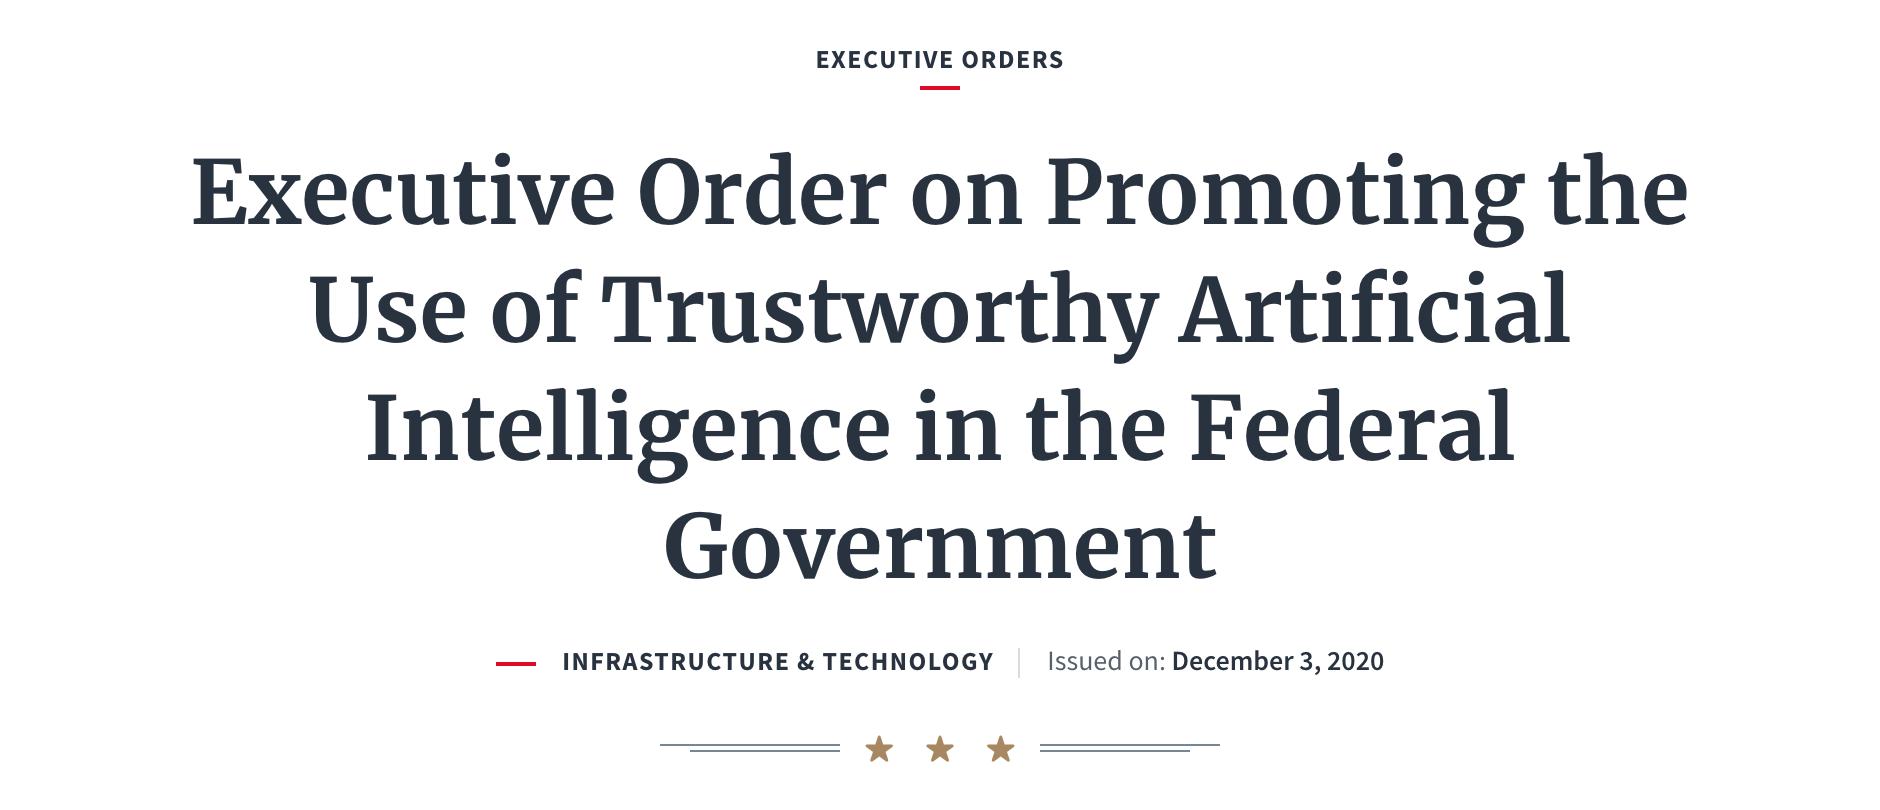 特朗普签署行政命令:将在联邦政府中推广可信赖的人工智能